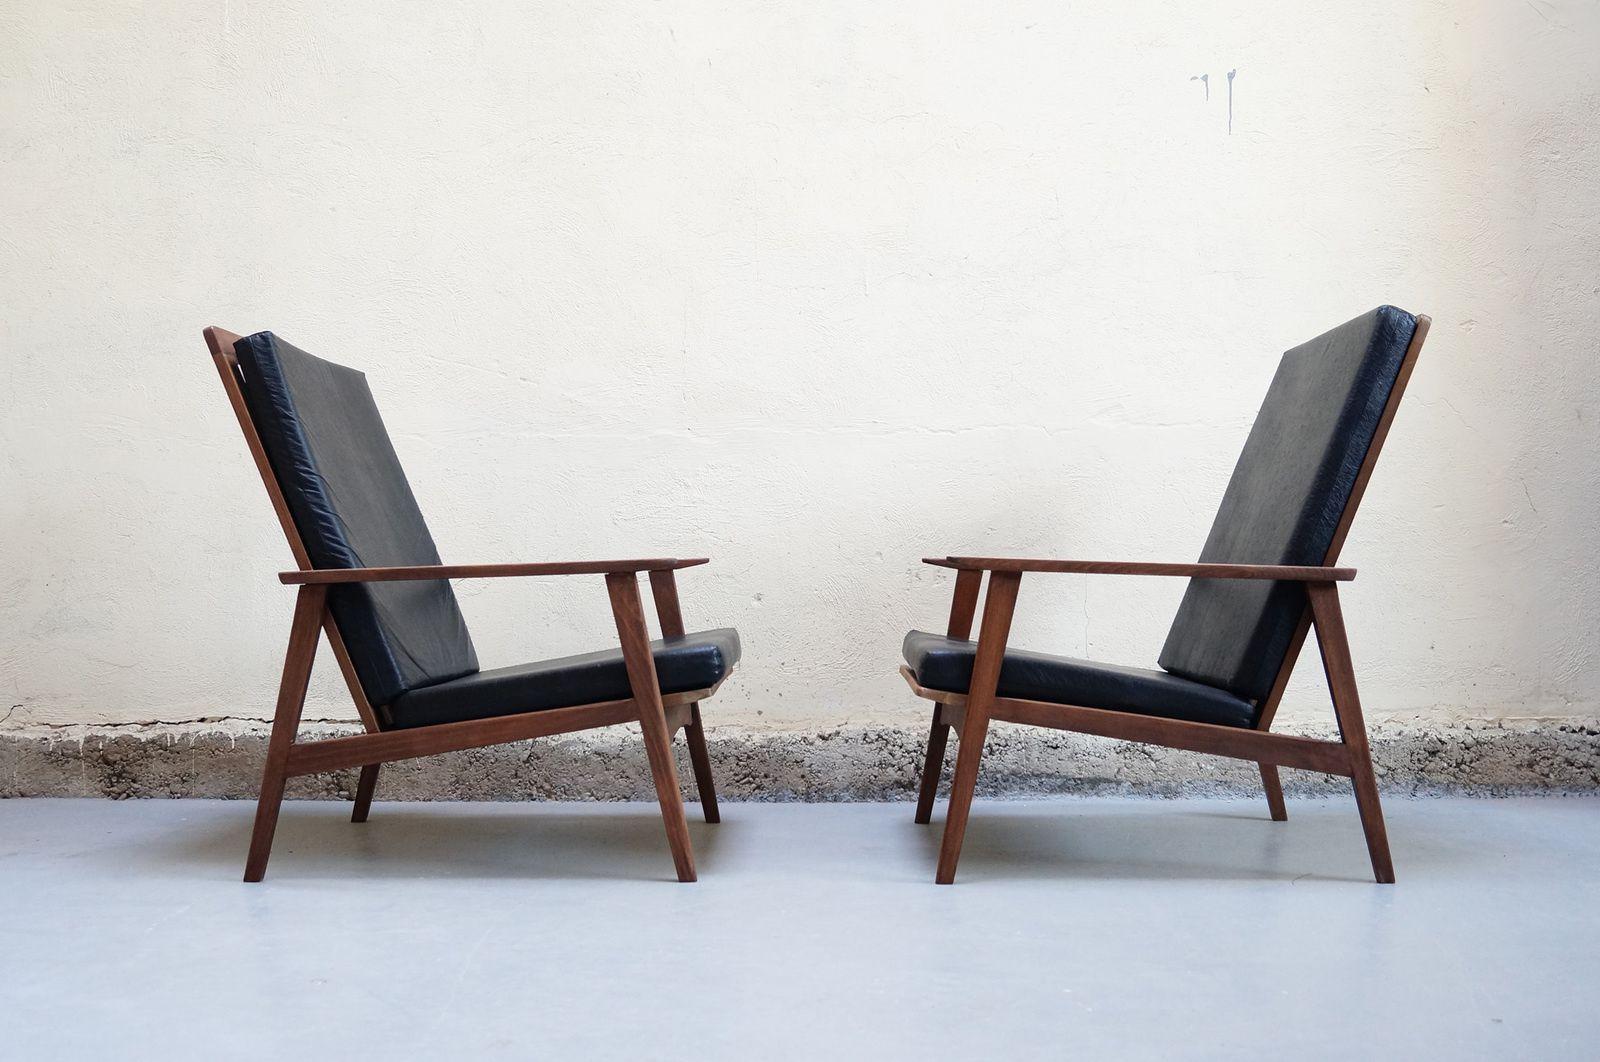 paire de fauteuil vintage style scandinave hetre chauffeuse années 60 70 décoration d'intérieur